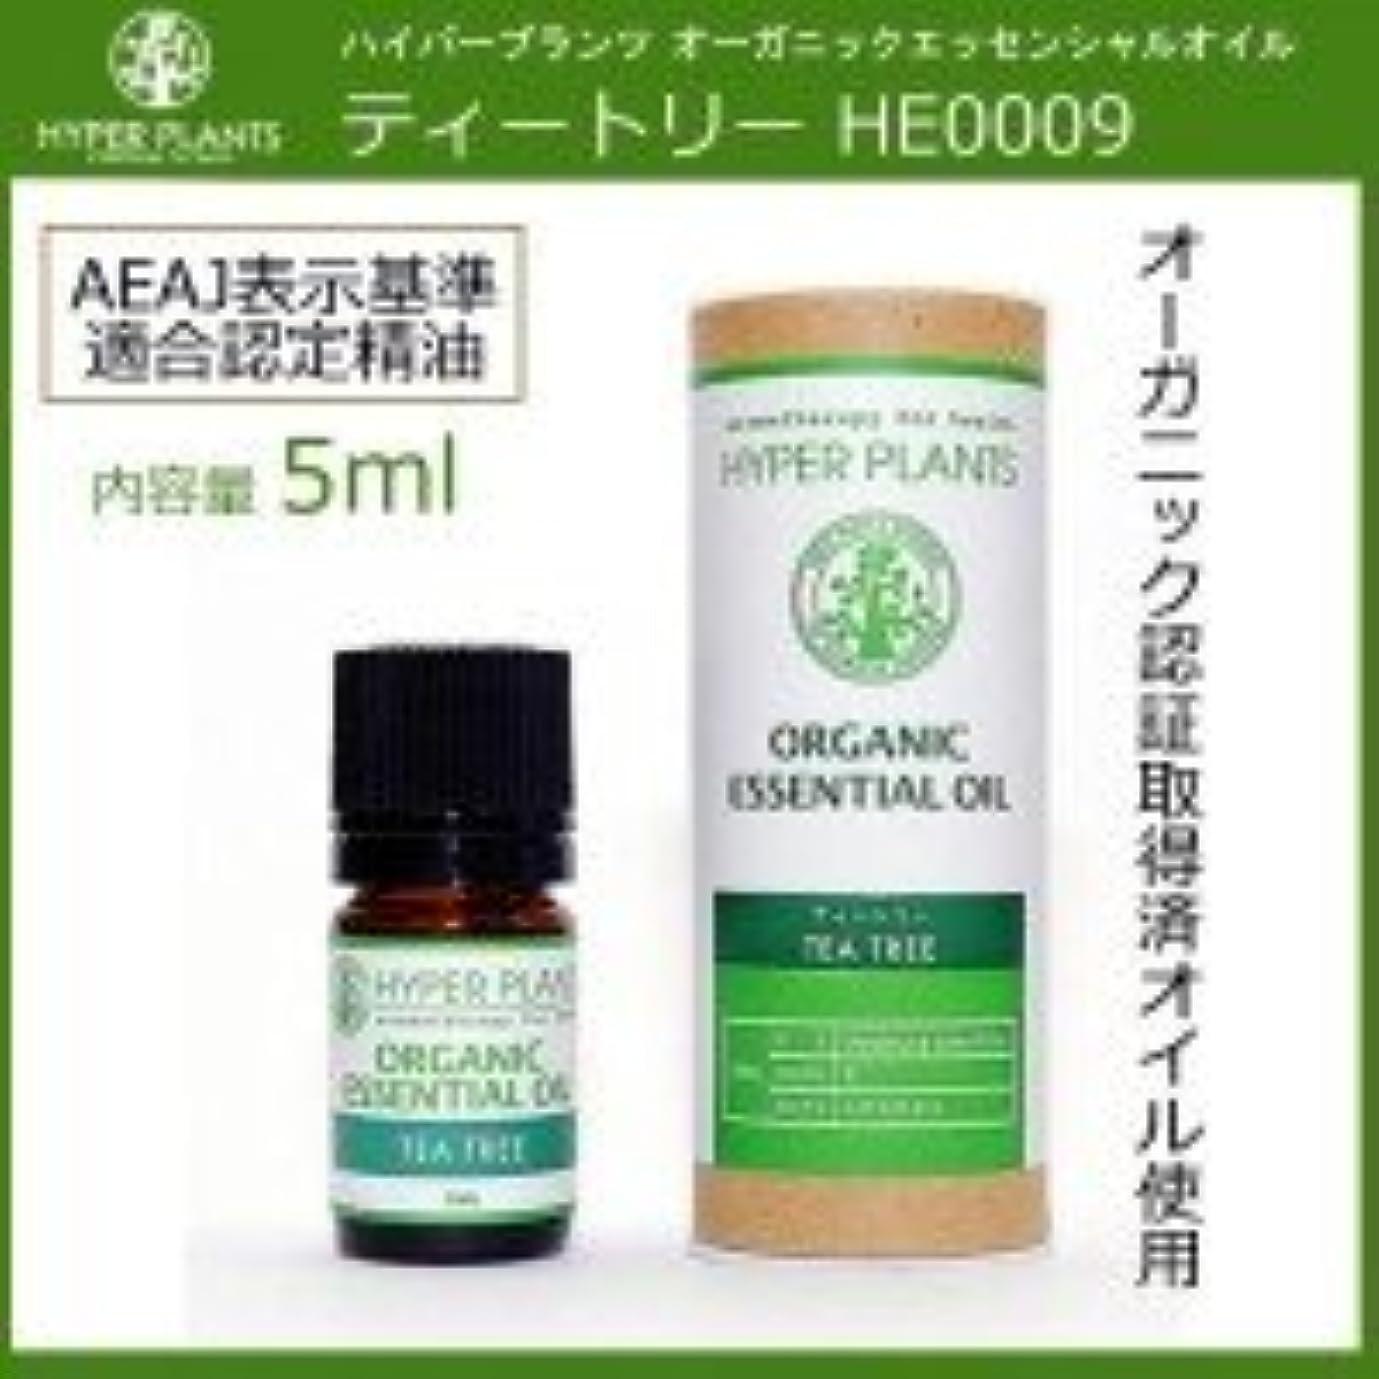 ハックパイプ剥ぎ取るHYPER PLANTS ハイパープランツ オーガニックエッセンシャルオイル ティートリー 5ml HE0009